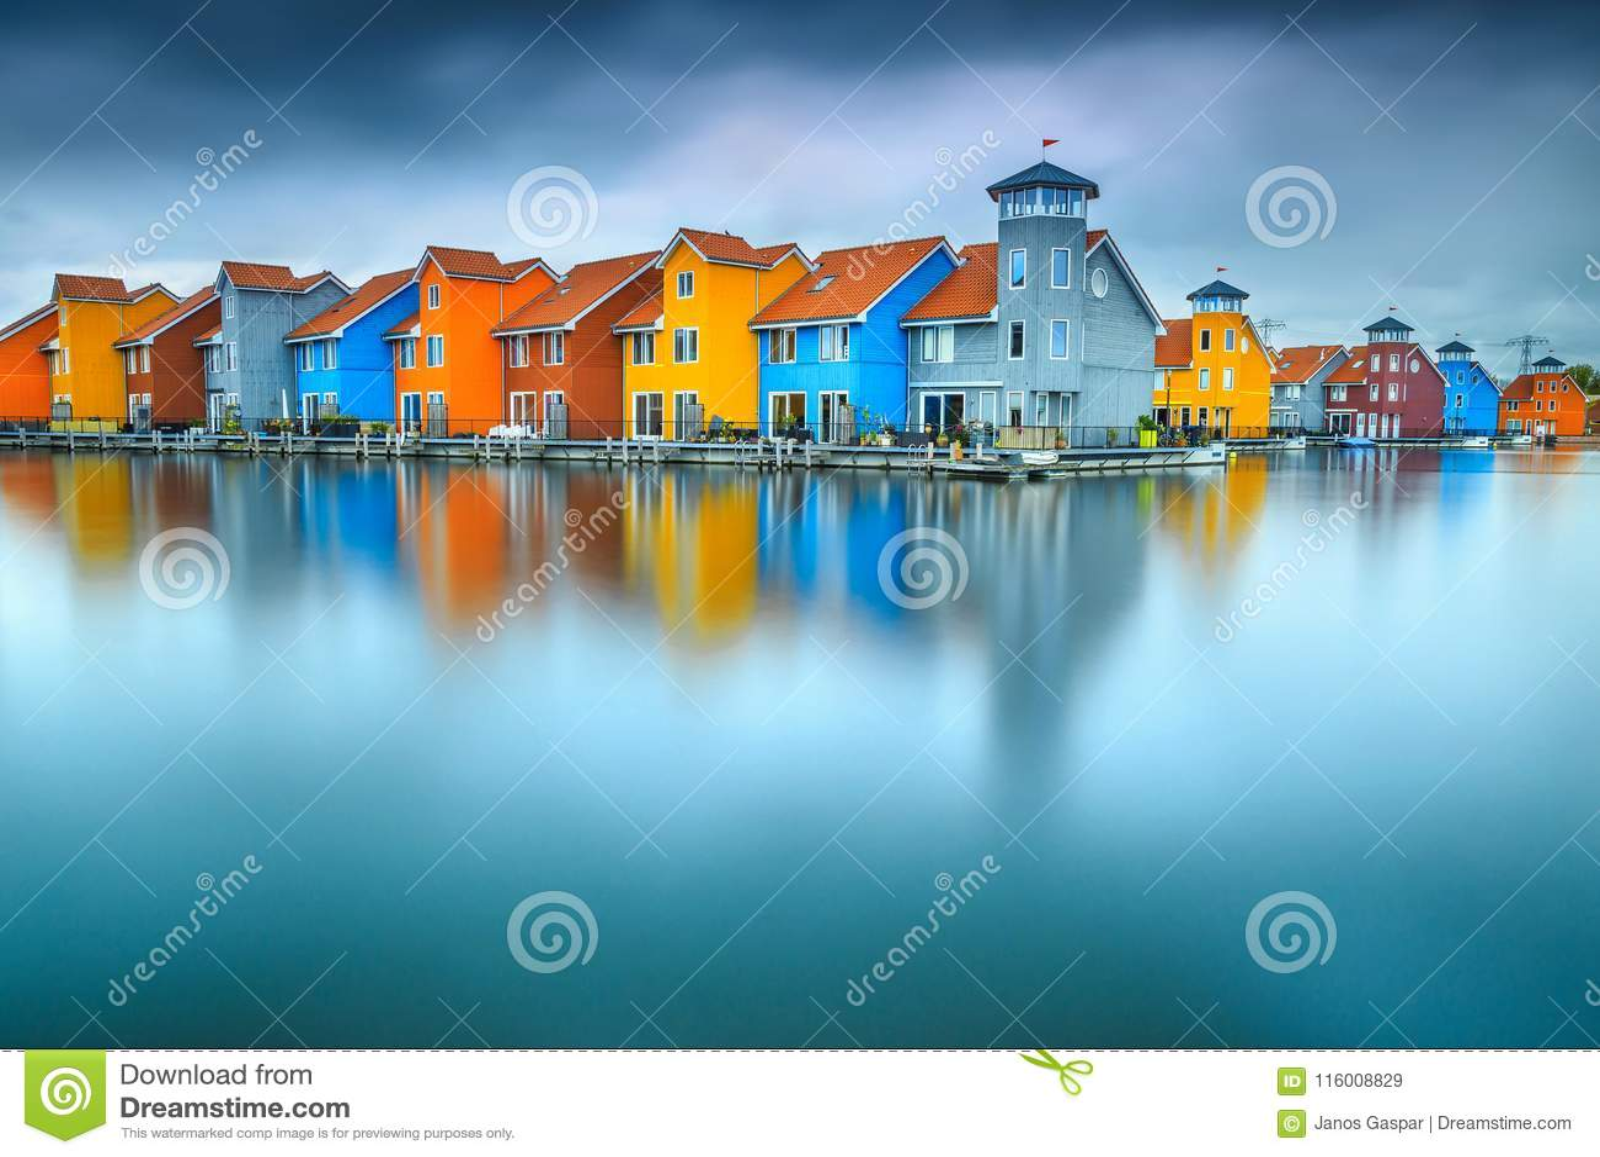 Fantastische kleurrijke gebouwen op water, Groningen, Nederland, Europa